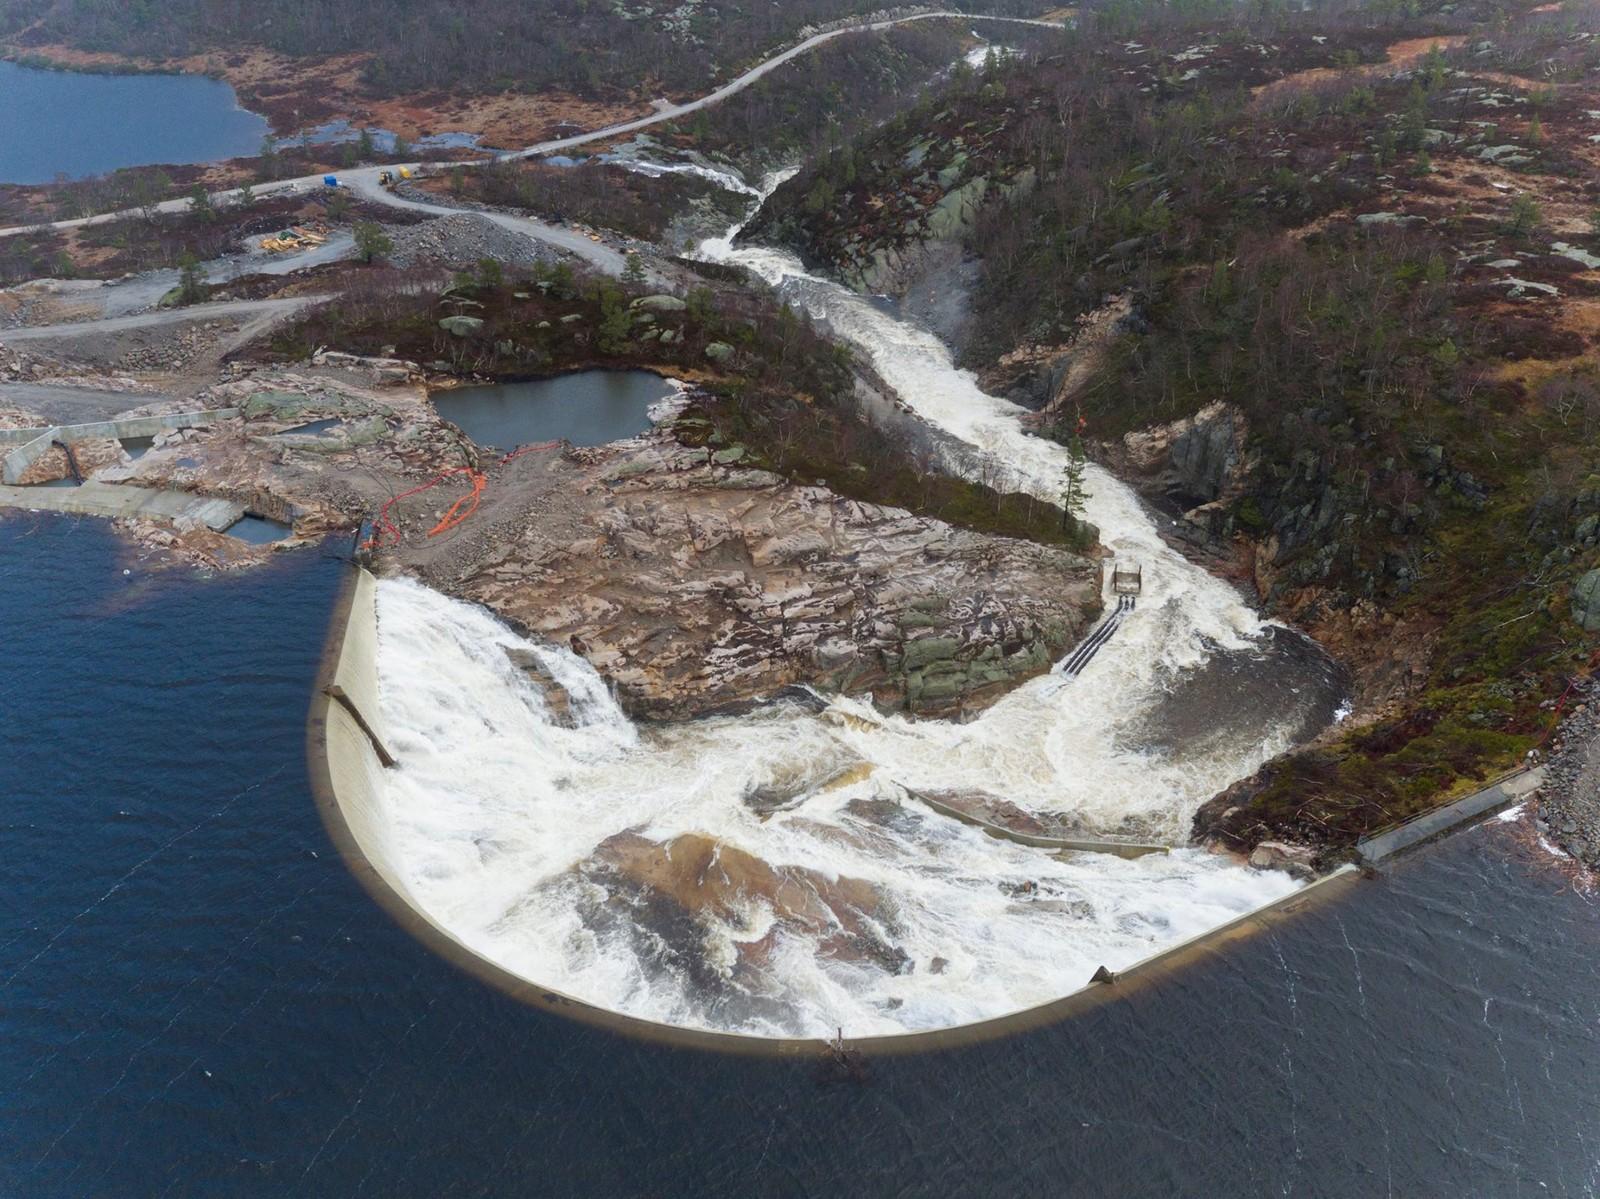 Området ble evakuert før overløpet startet og midlertidige konstruksjoner ble fjernet. Skadene ble mindre enn fryktet, ifljge Agder Energi.